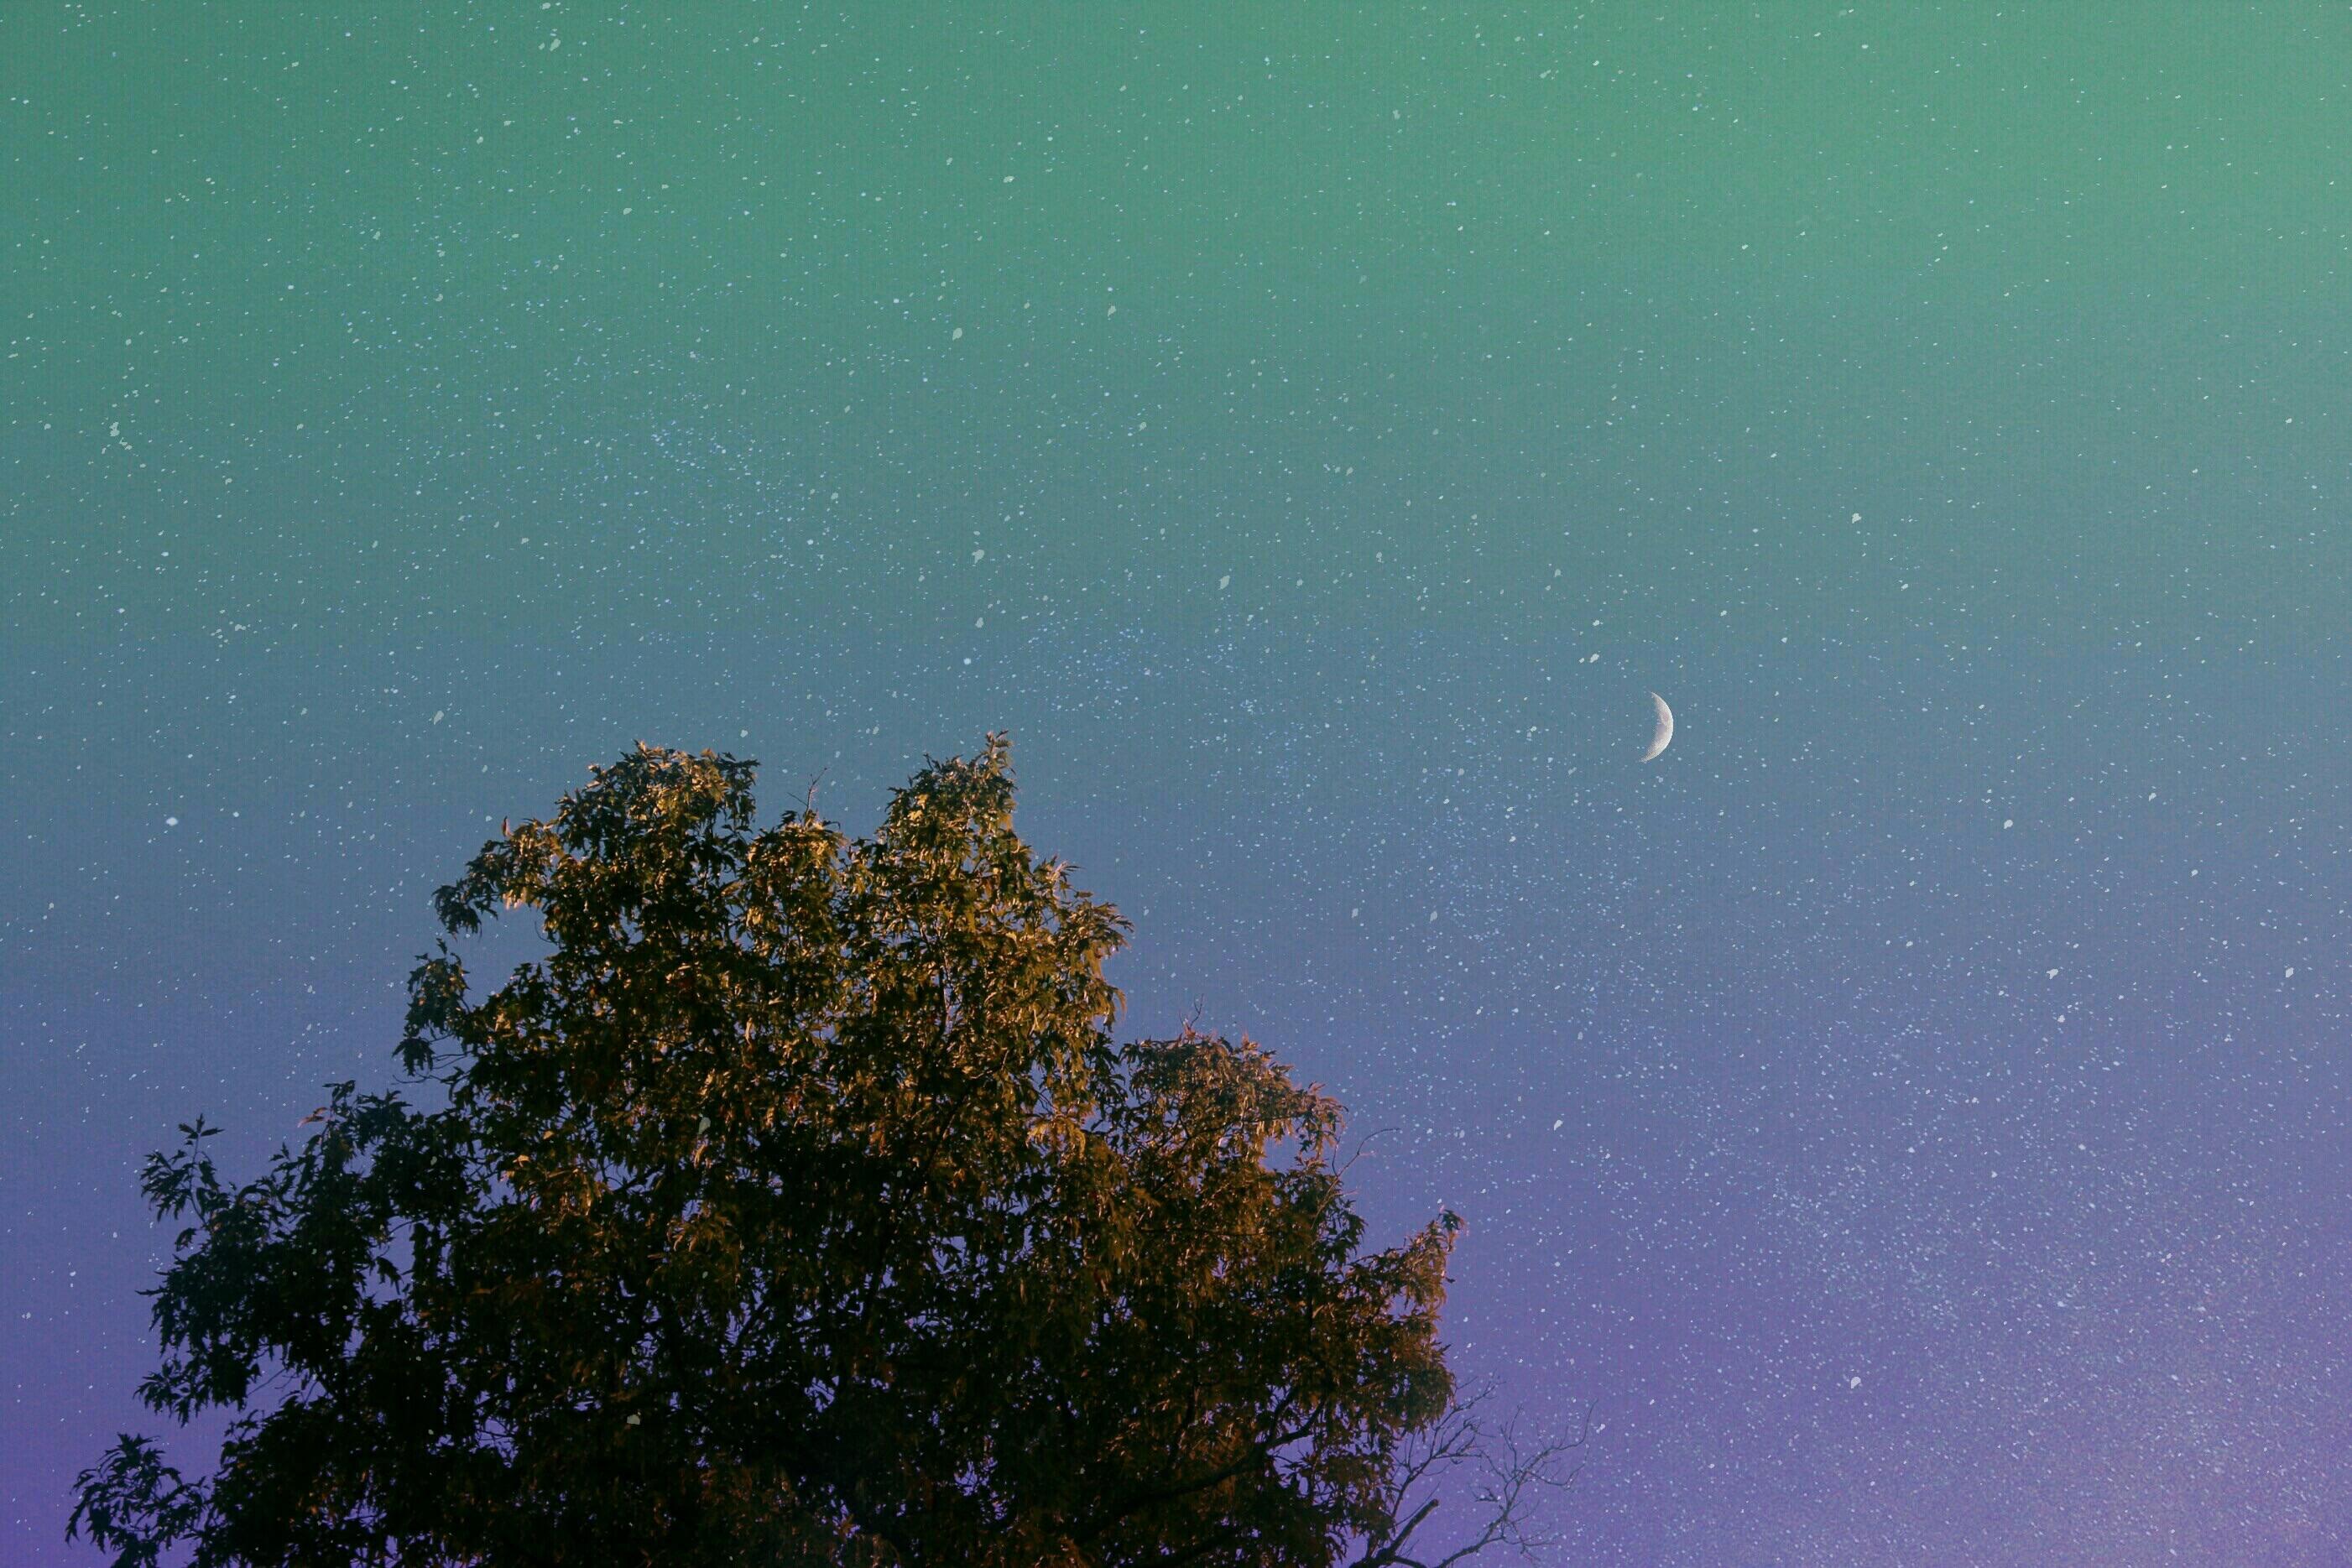 Fotograf Agac Ufuk Bulut Gokyuzu Gece Gunes Isigi Star